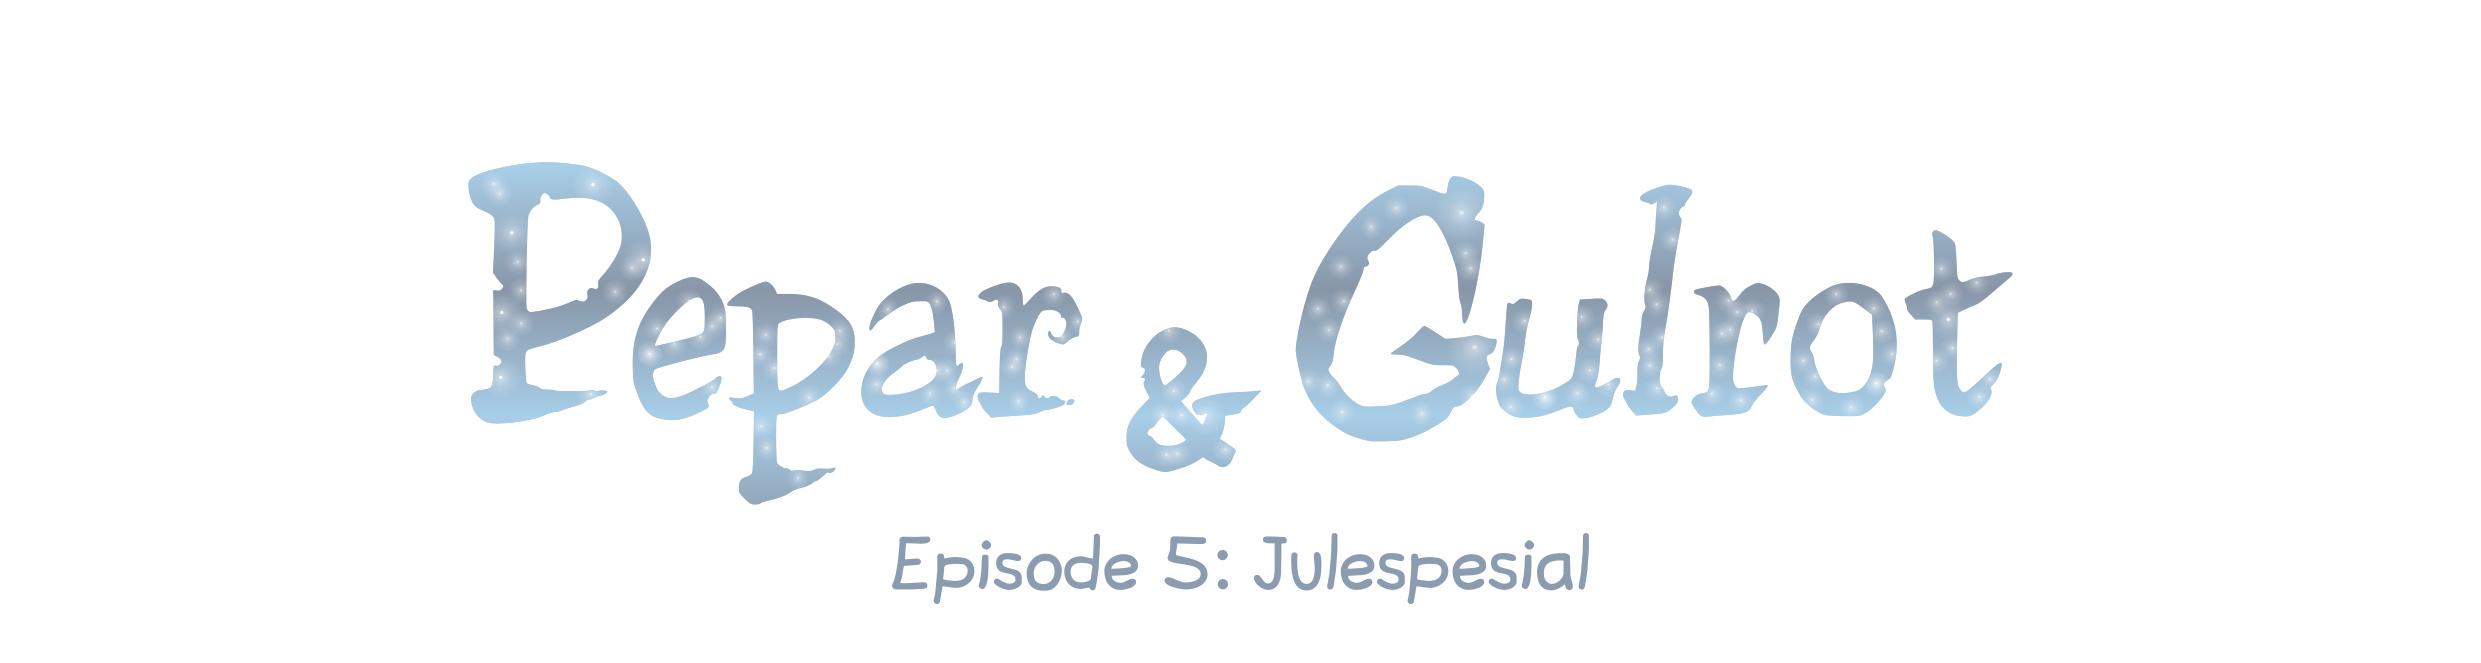 Episode 5: Julespesial